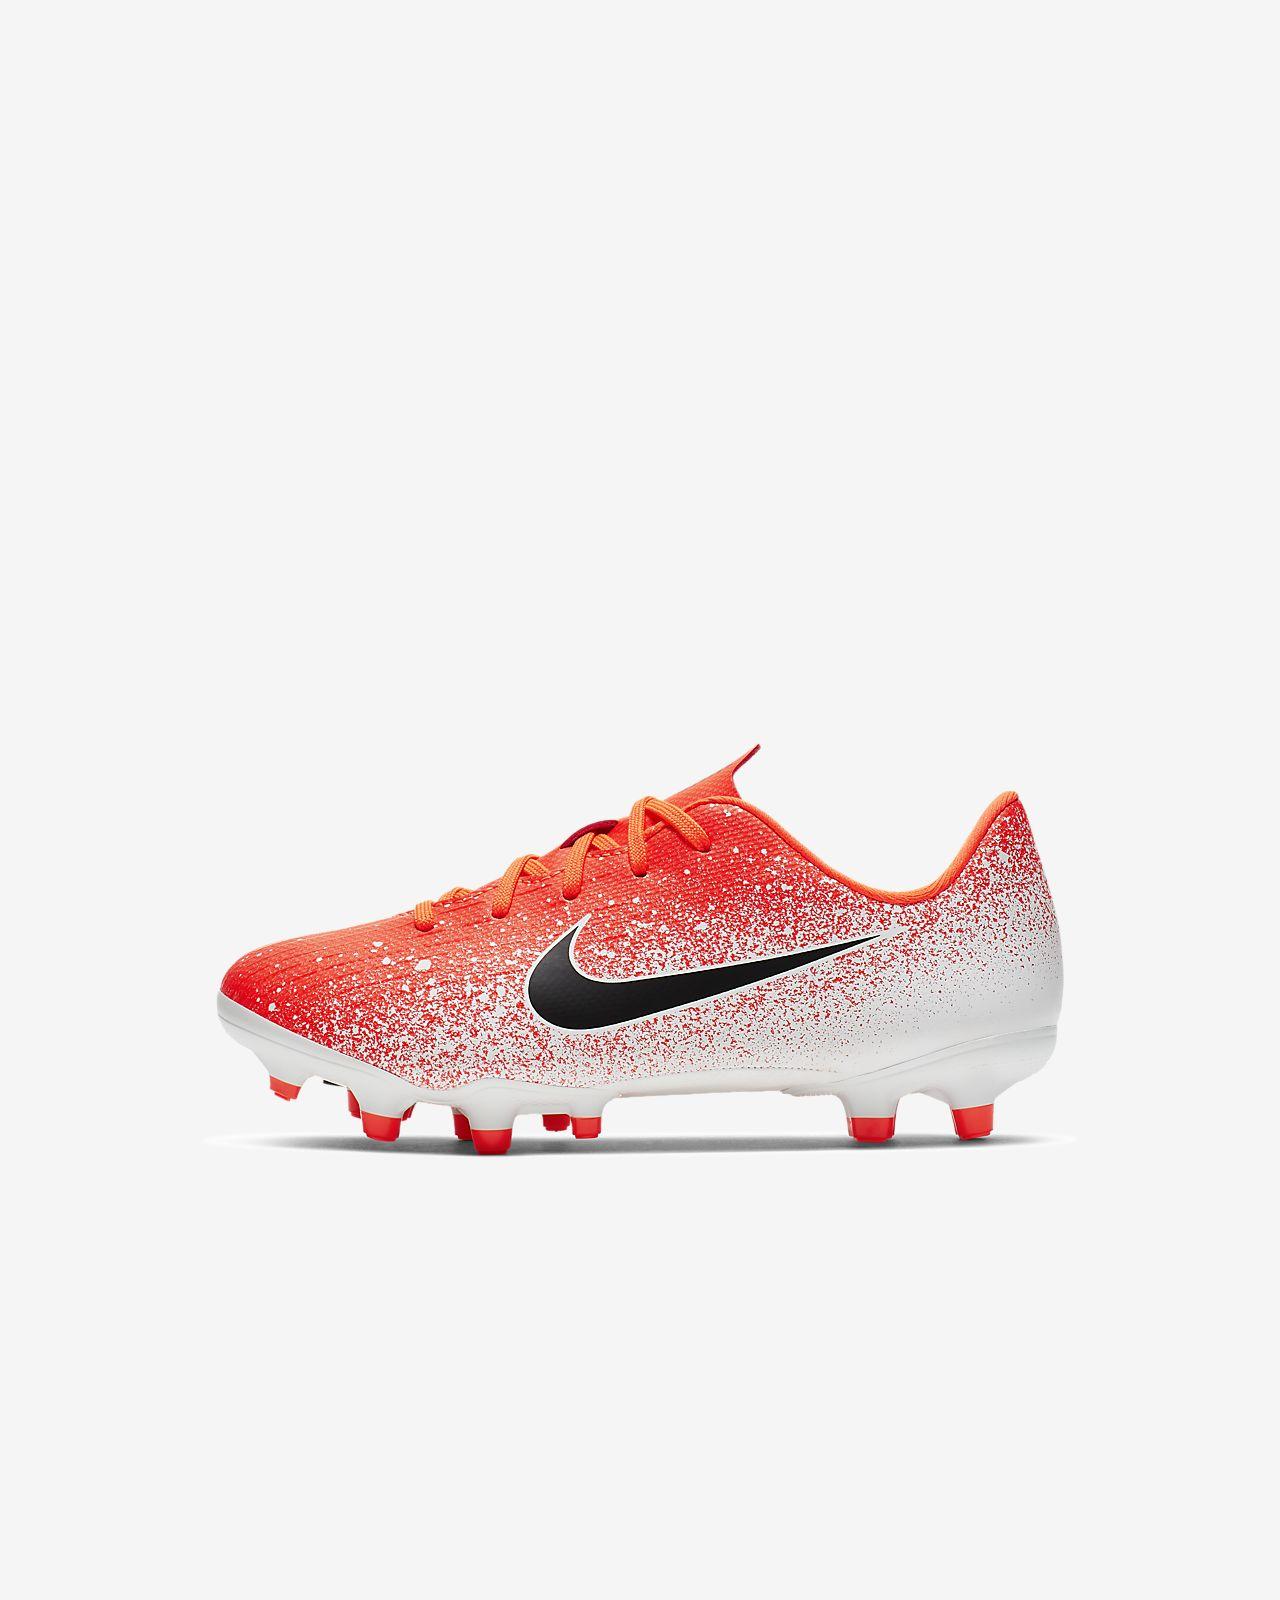 Nike Jr. MercurialX Vapor XII Academy Botes de futbol per a múltiples superfícies - Infant i nen/a petit/a